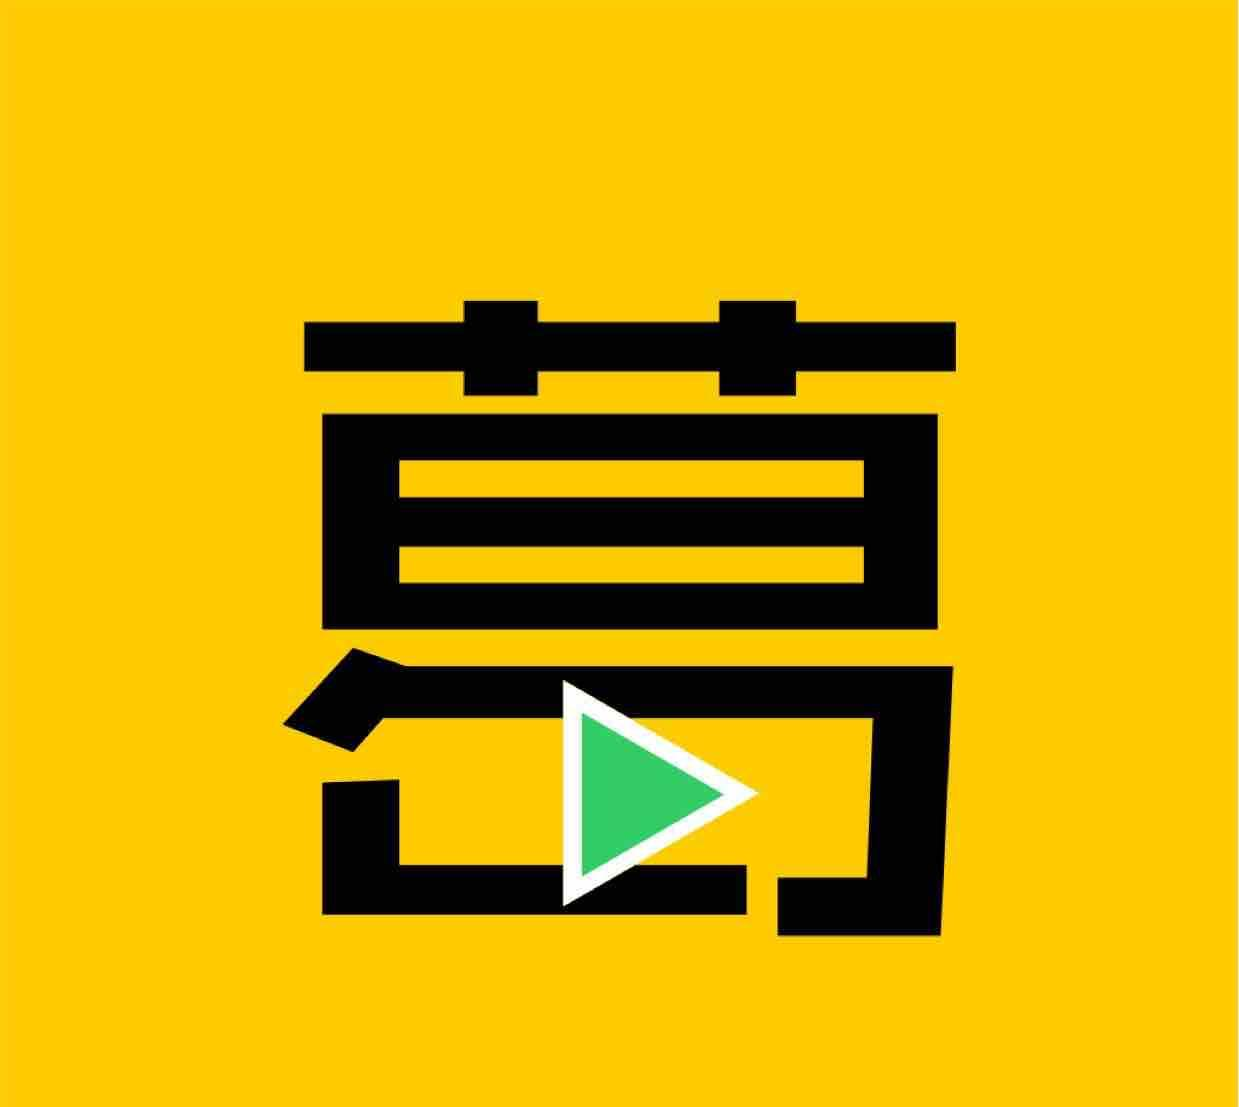 小葛电影v